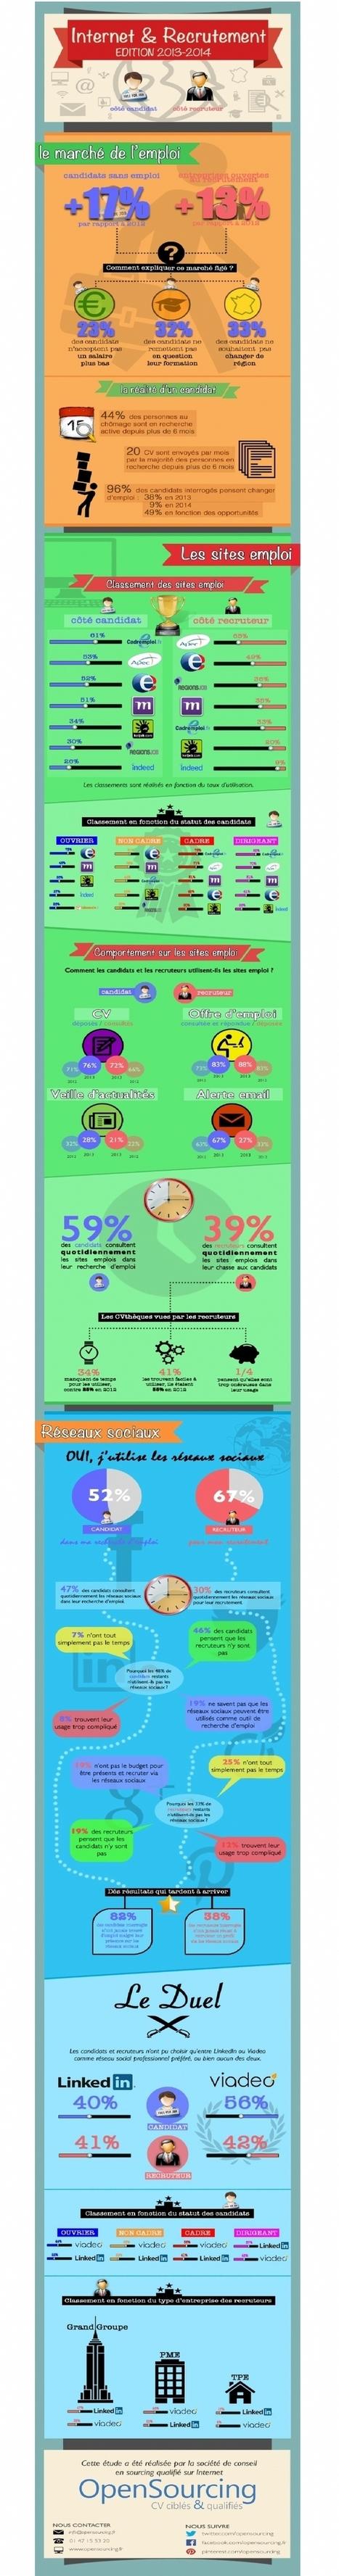 Infographie | Deux recruteurs sur trois utilisent les réseaux sociaux | Réseaux sociaux en entreprise | Scoop.it